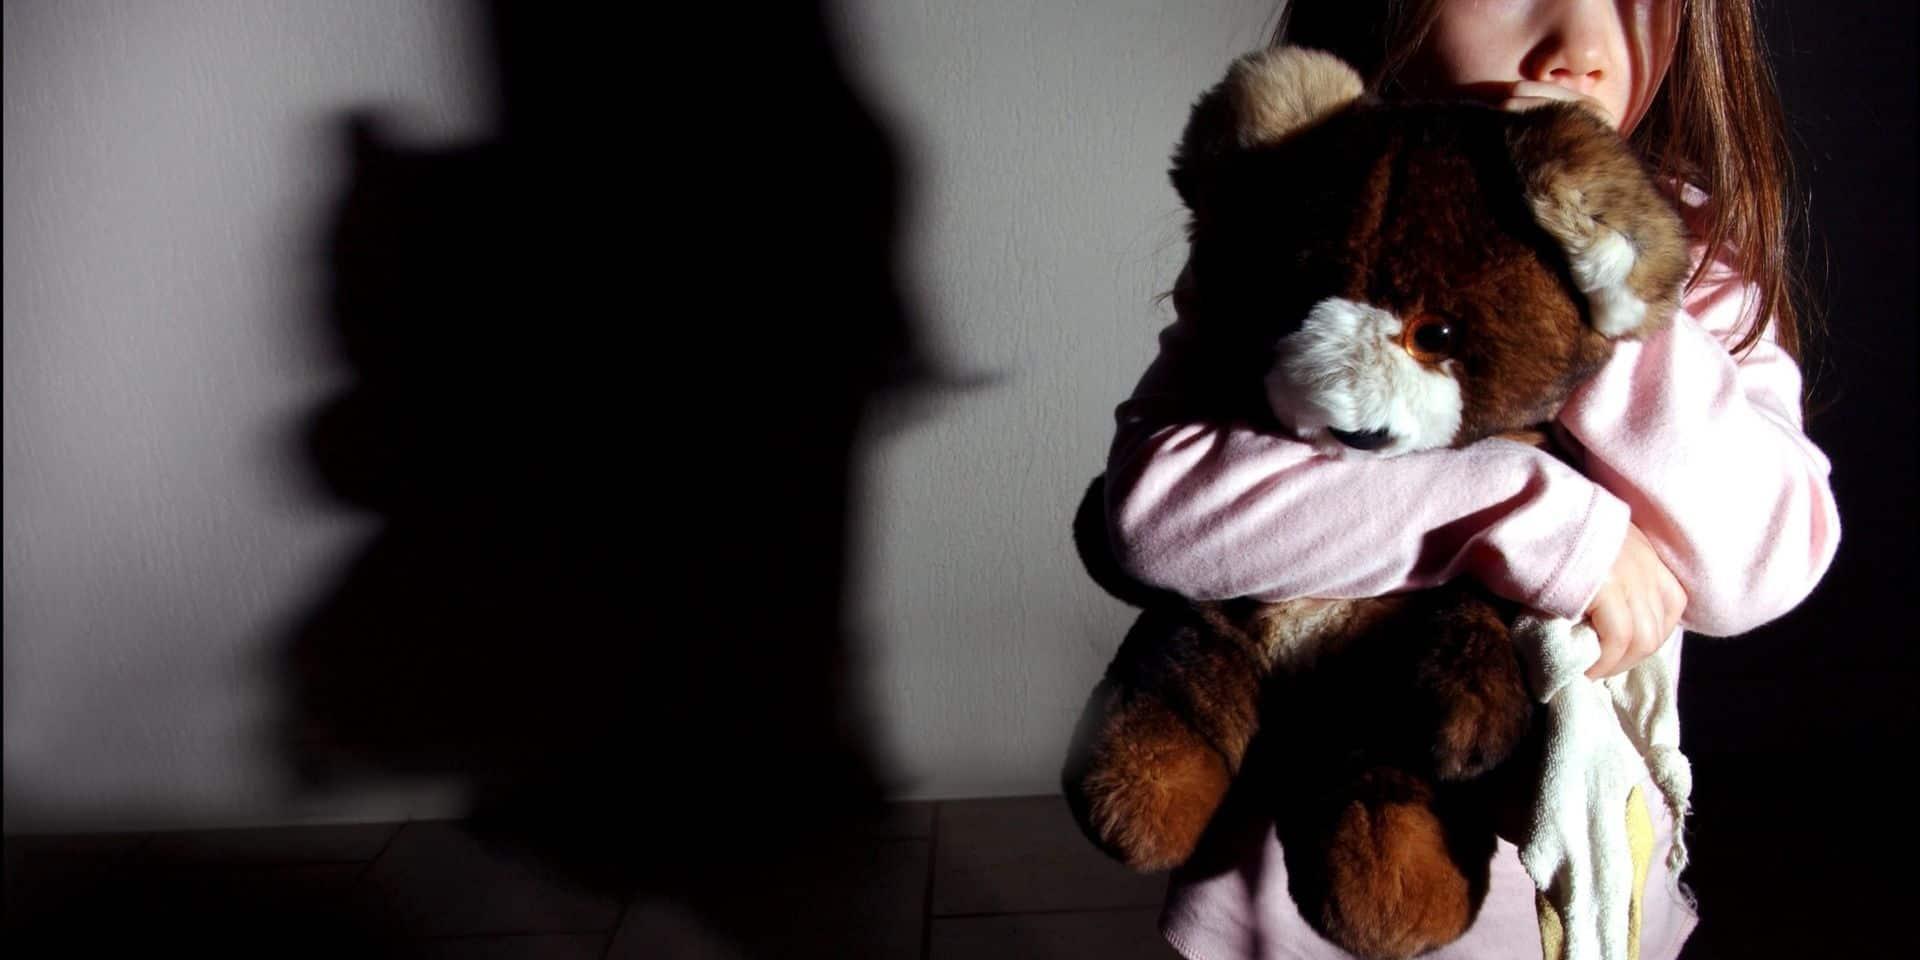 Un papy accusé d'attentats à la pudeur sur ses 8 petits-enfants